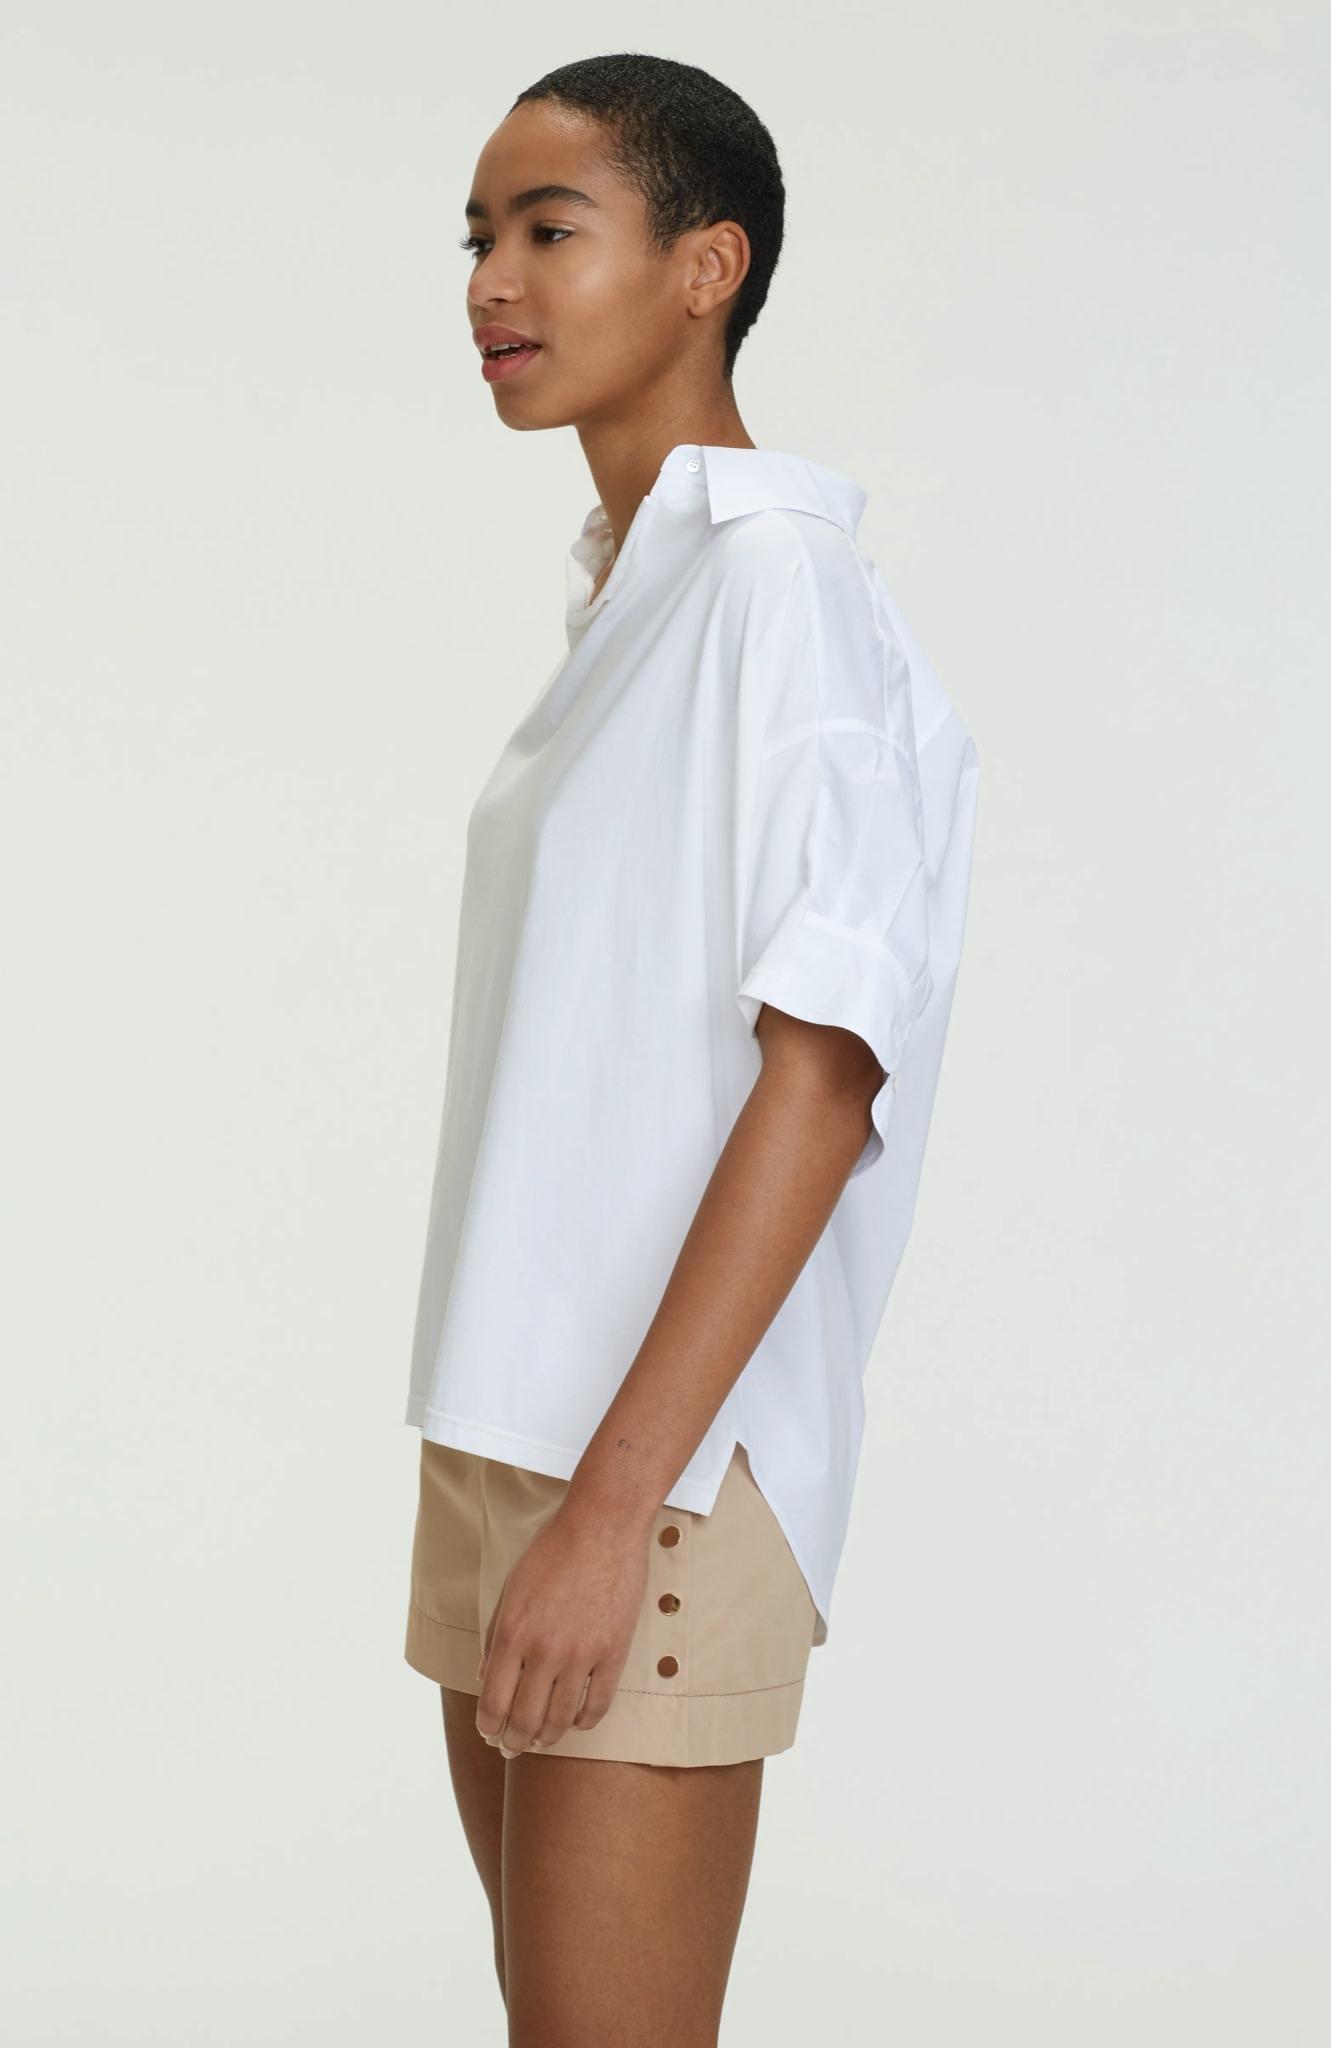 Cool contrast shirt blouse SS dorothee schumacher-2